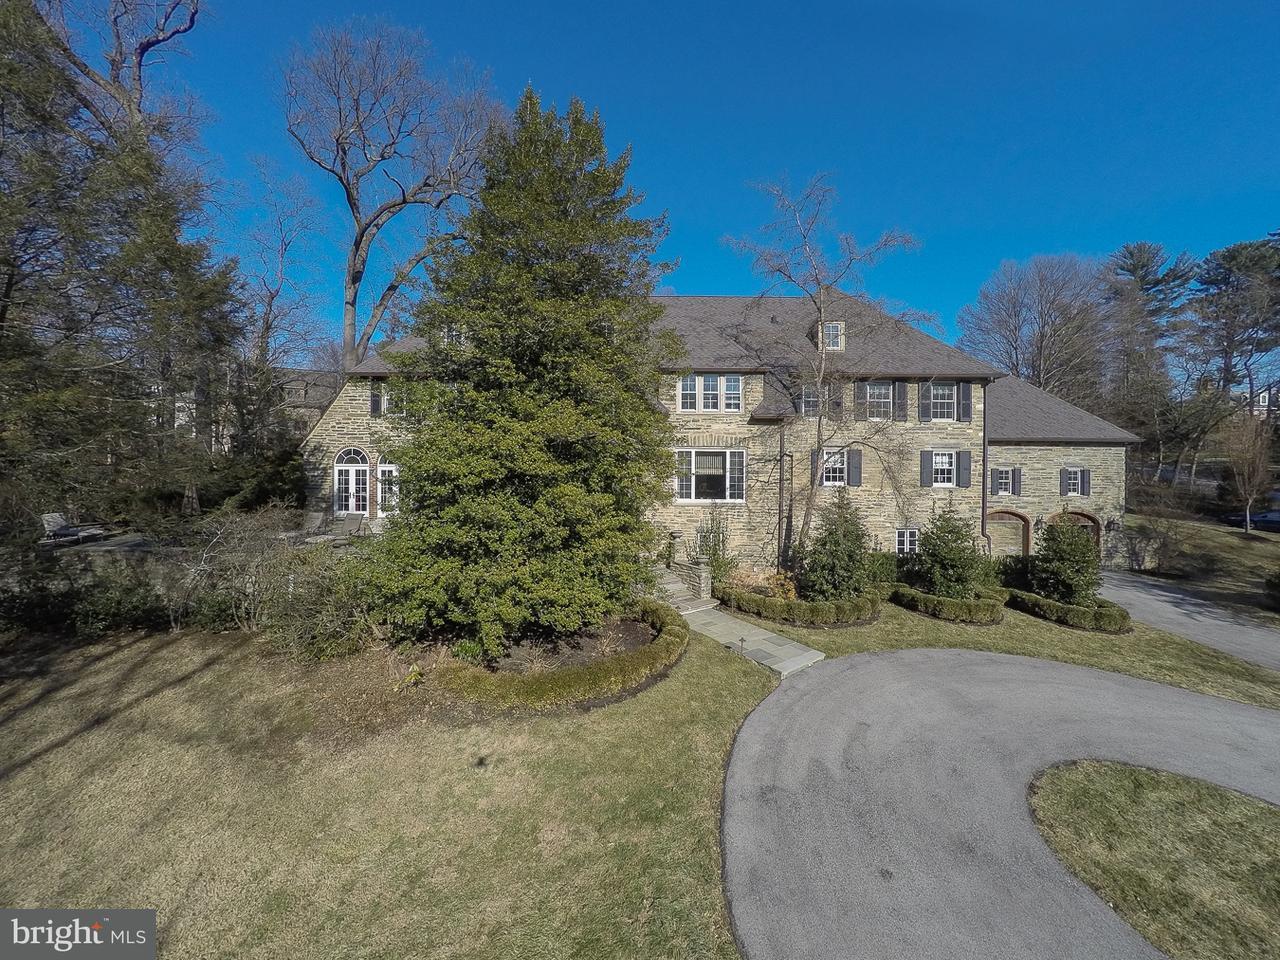 Частный односемейный дом для того Продажа на 432 MULBERRY Lane Haverford, Пенсильвания 19041 Соединенные Штаты